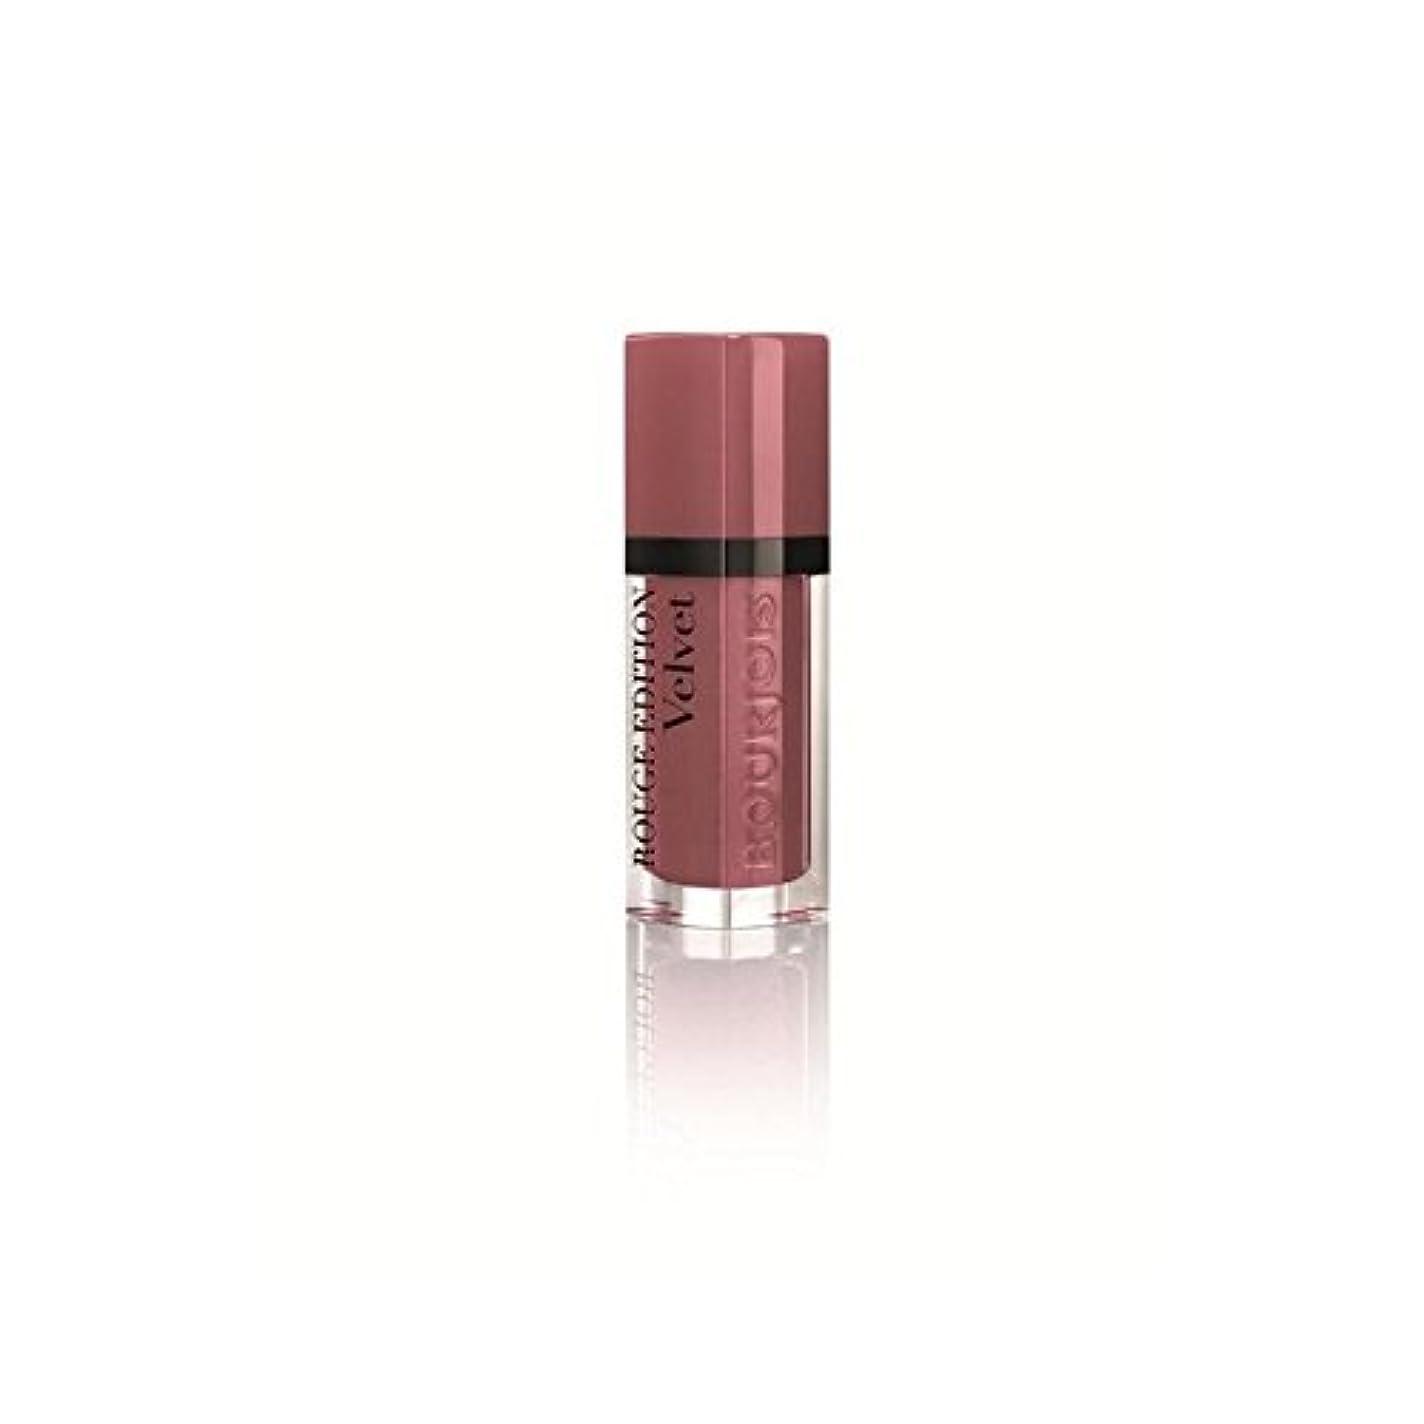 銛パターン下手ルージュ口紅、ベルベットヌード-Ist T07の6ミリリットル (Bourjois) (x 2) - Bourjois Rouge Lipstick, Velvet Nude-ist T07 6ml (Pack of 2) [並行輸入品]